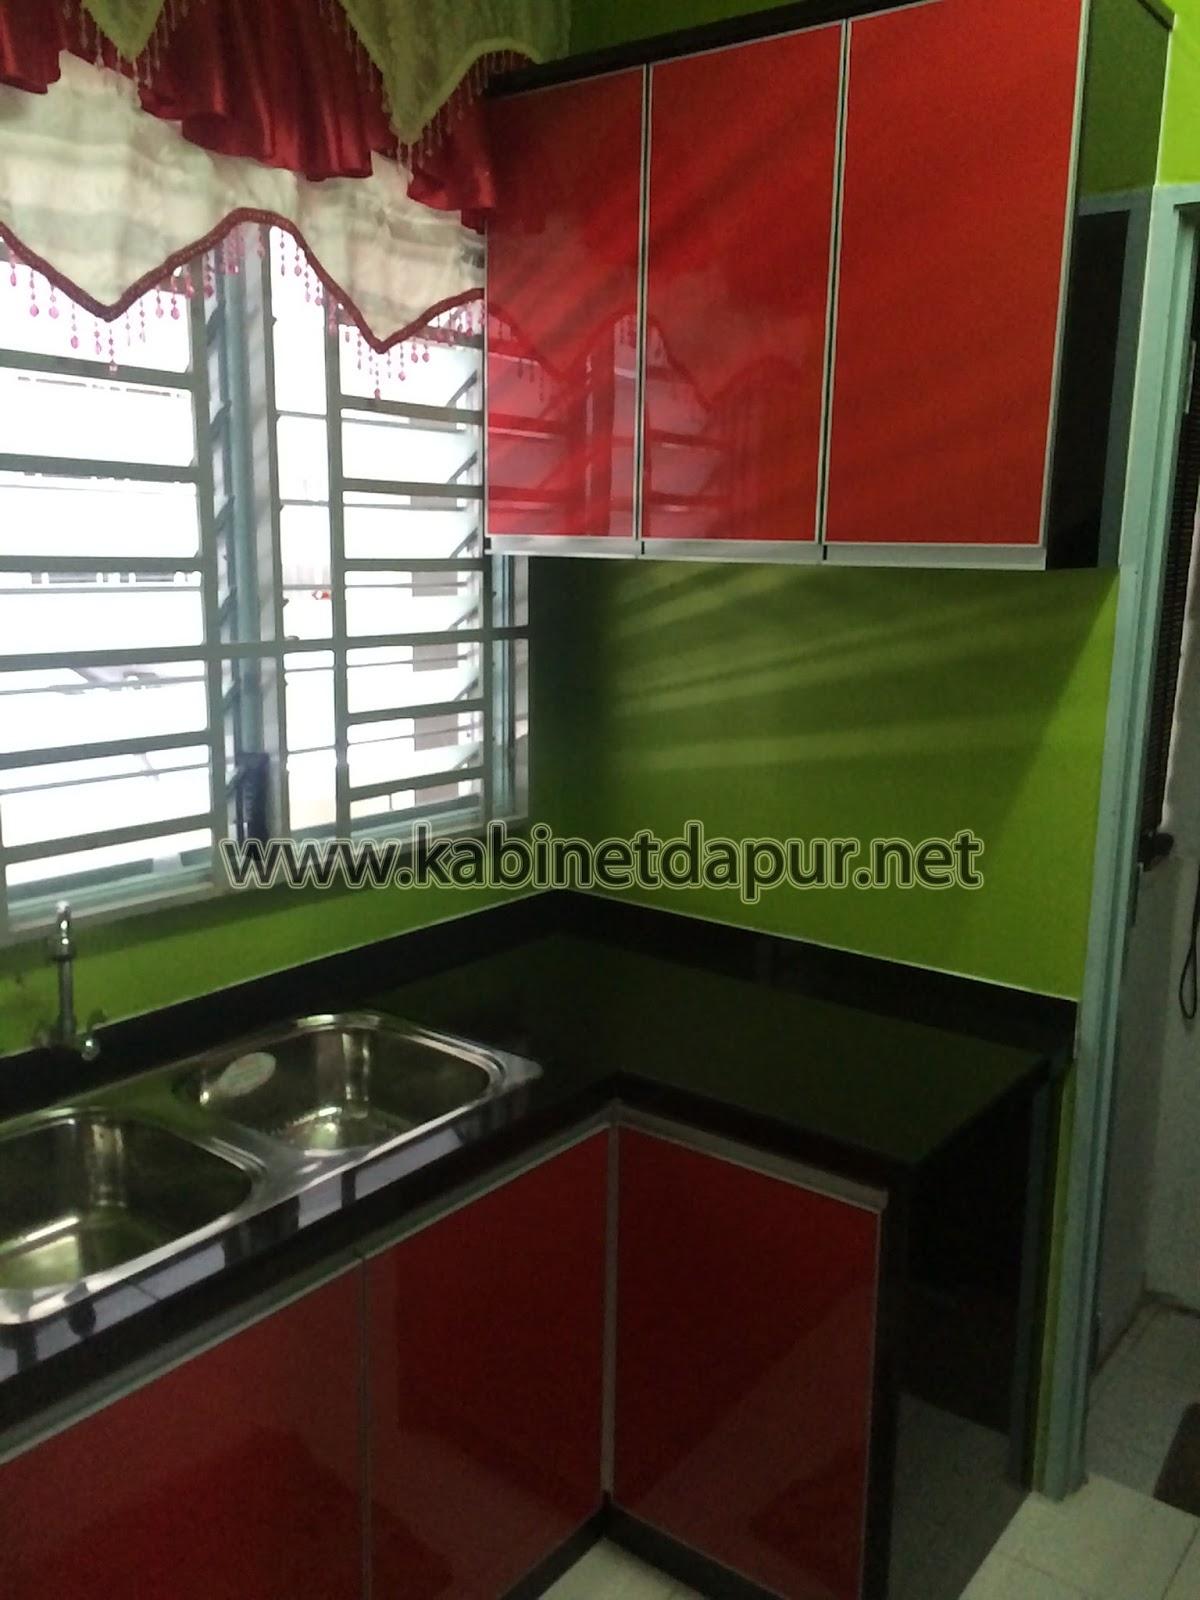 Kabinet Dapur Rumah Flat Desainrumahid Com